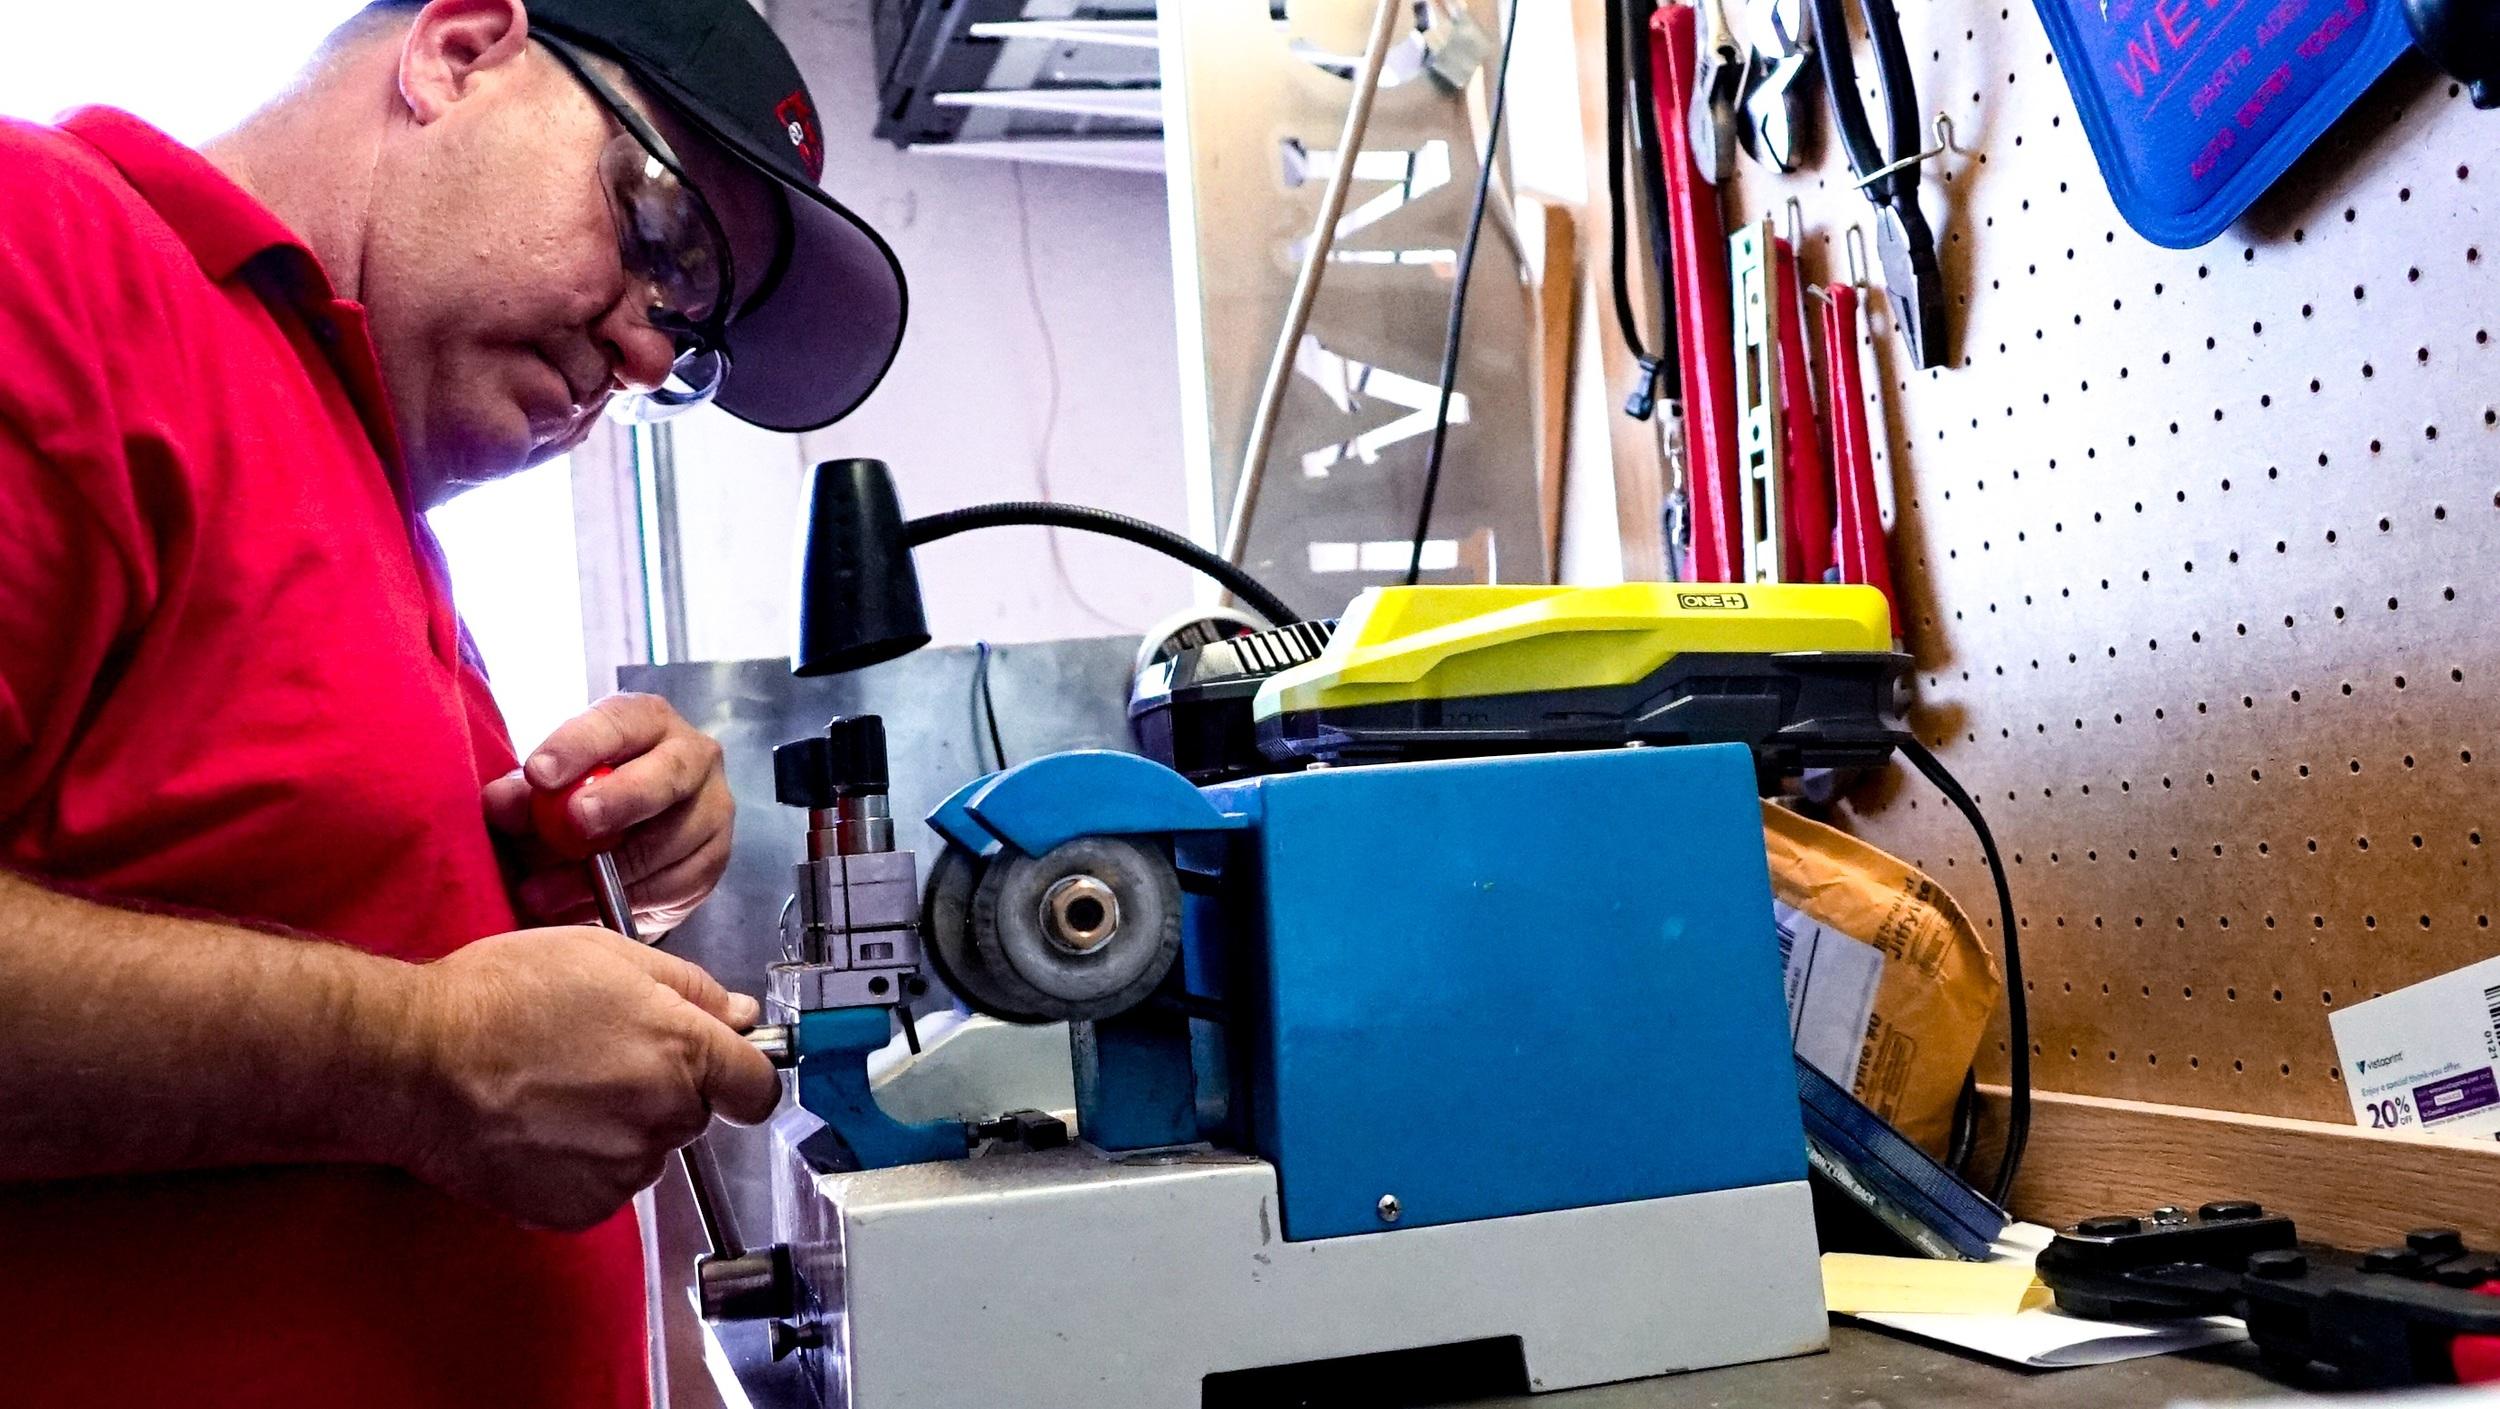 Bill working on a re-key job